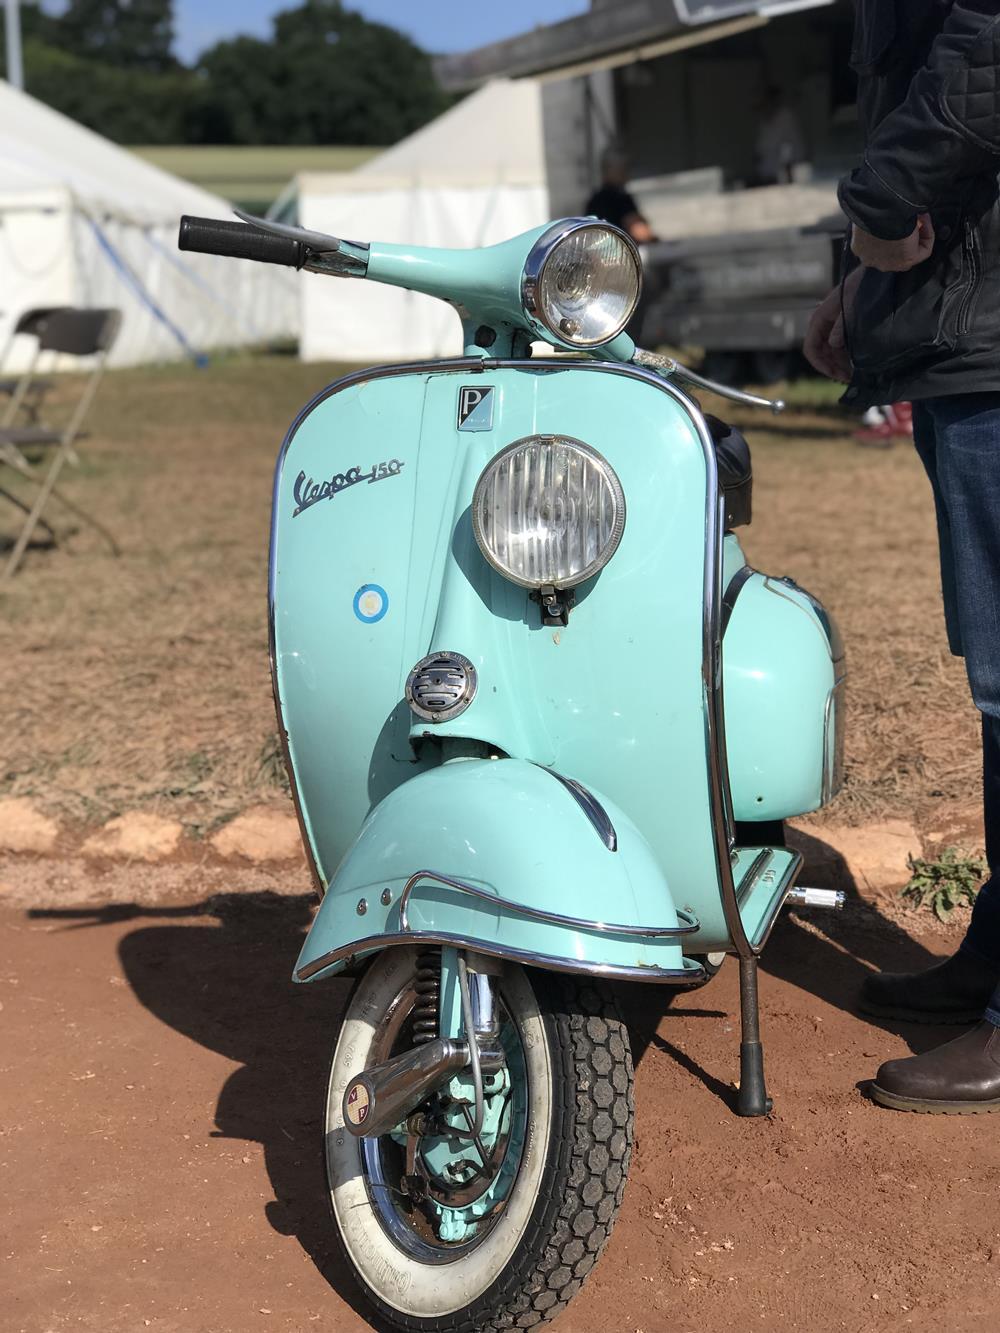 Turquoise vintage Vespa